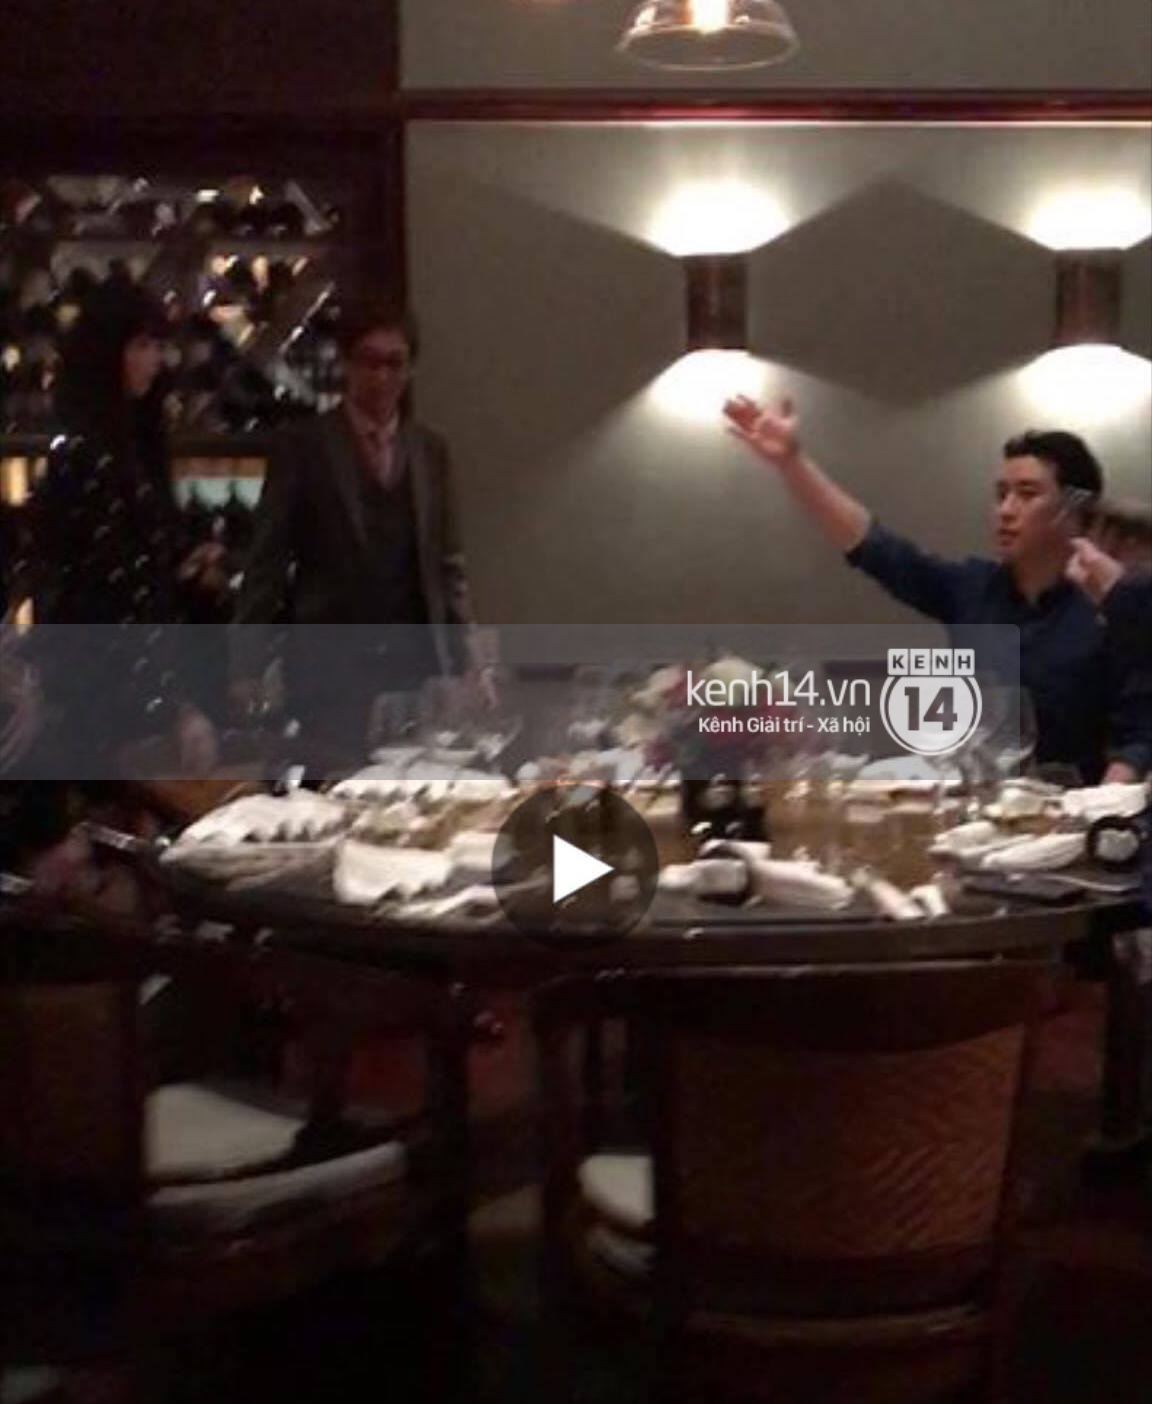 Seungri bảnh bao dùng bữa tối tại một nhà hàng, fan đồng loạt hát hit của Big Bang - Ảnh 4.